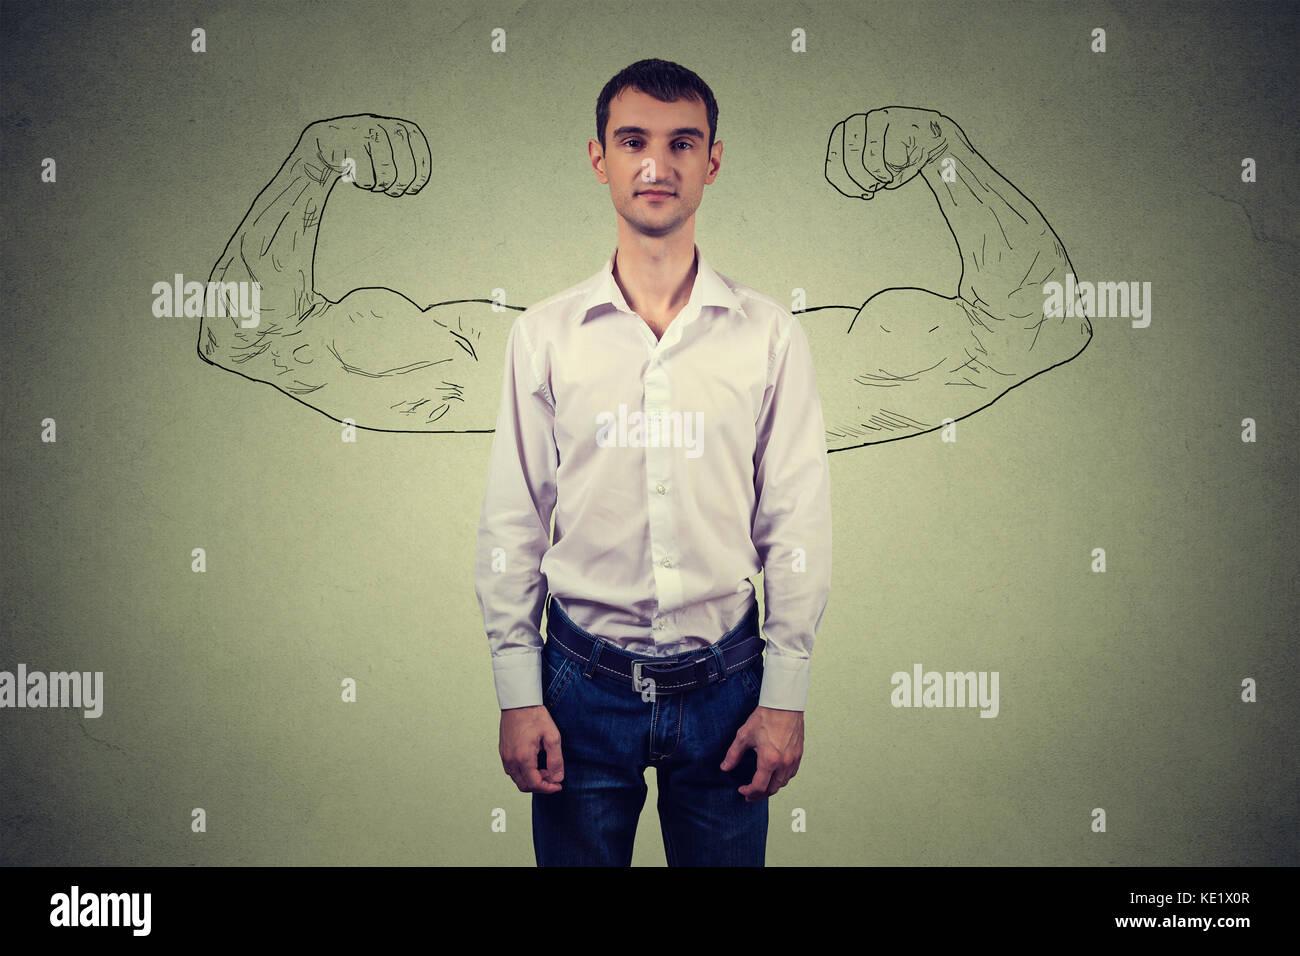 Poderoso hombre realidad vs ambición ilusiones concepto. rostro humano expresiones, emociones Imagen De Stock